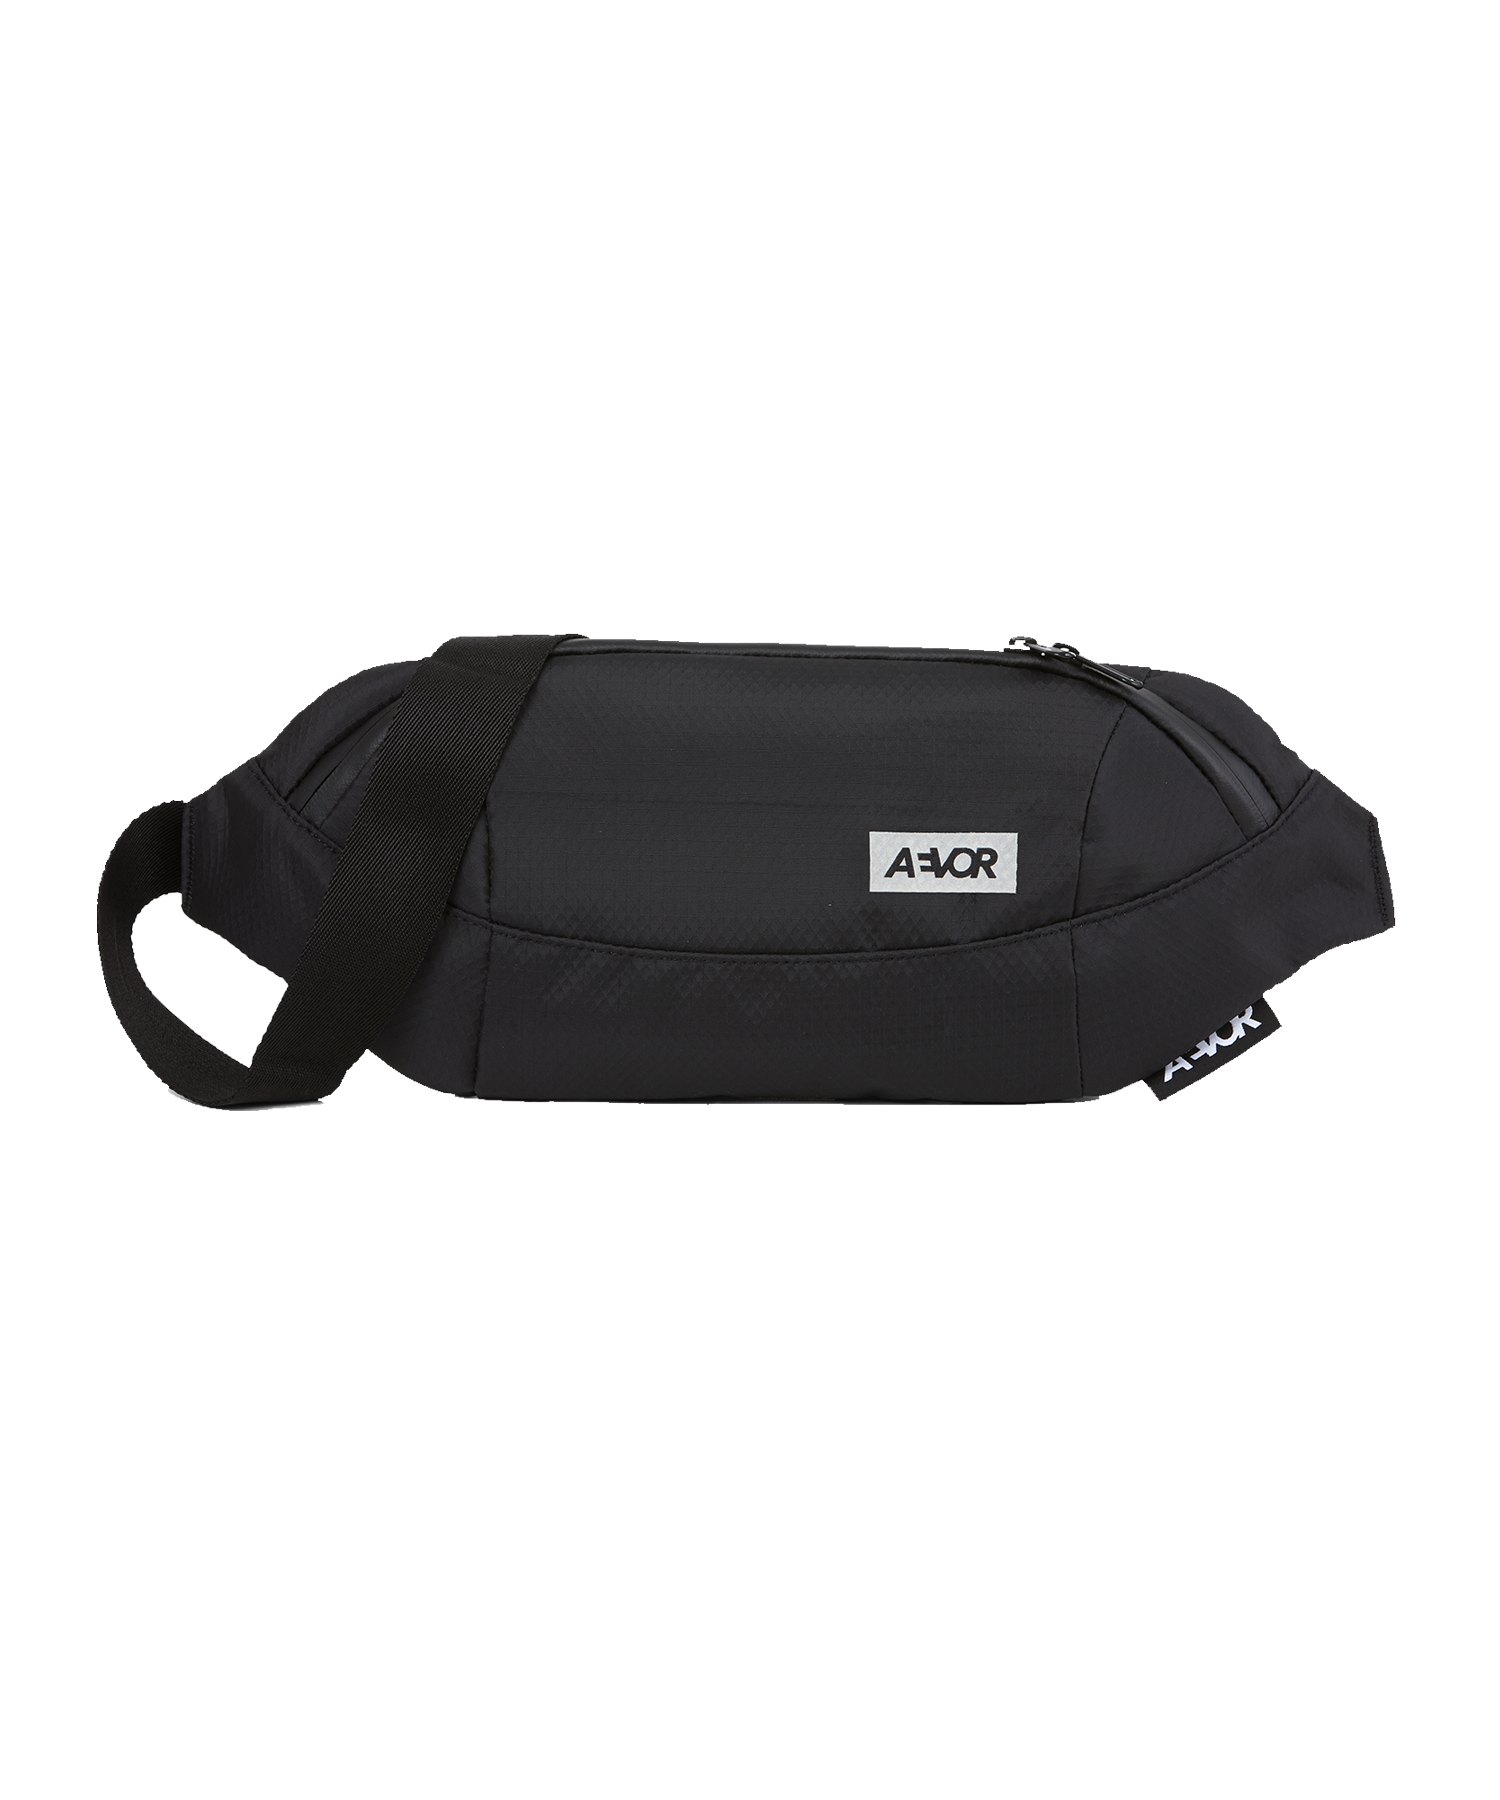 AEVOR Shoulder Bag Tasche Schwarz F801 - schwarz